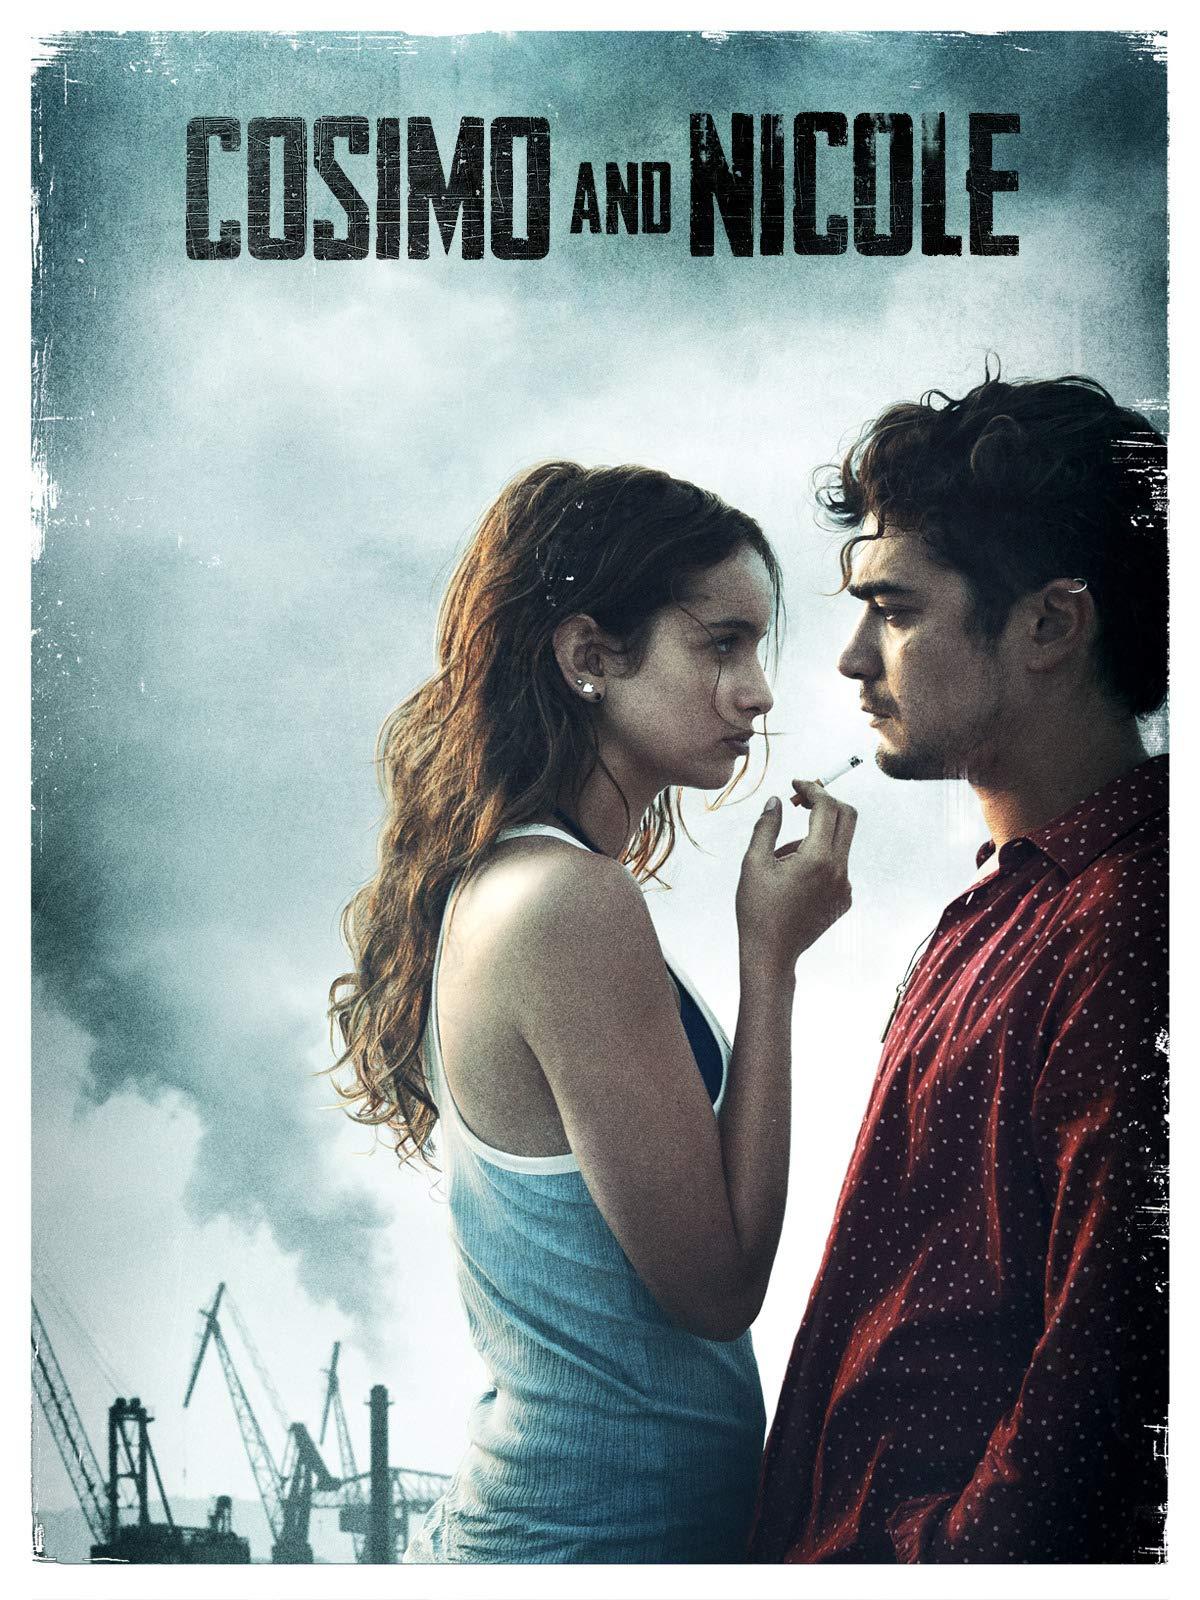 Cosimo and Nicole - Cosimo e Nicole on Amazon Prime Video UK